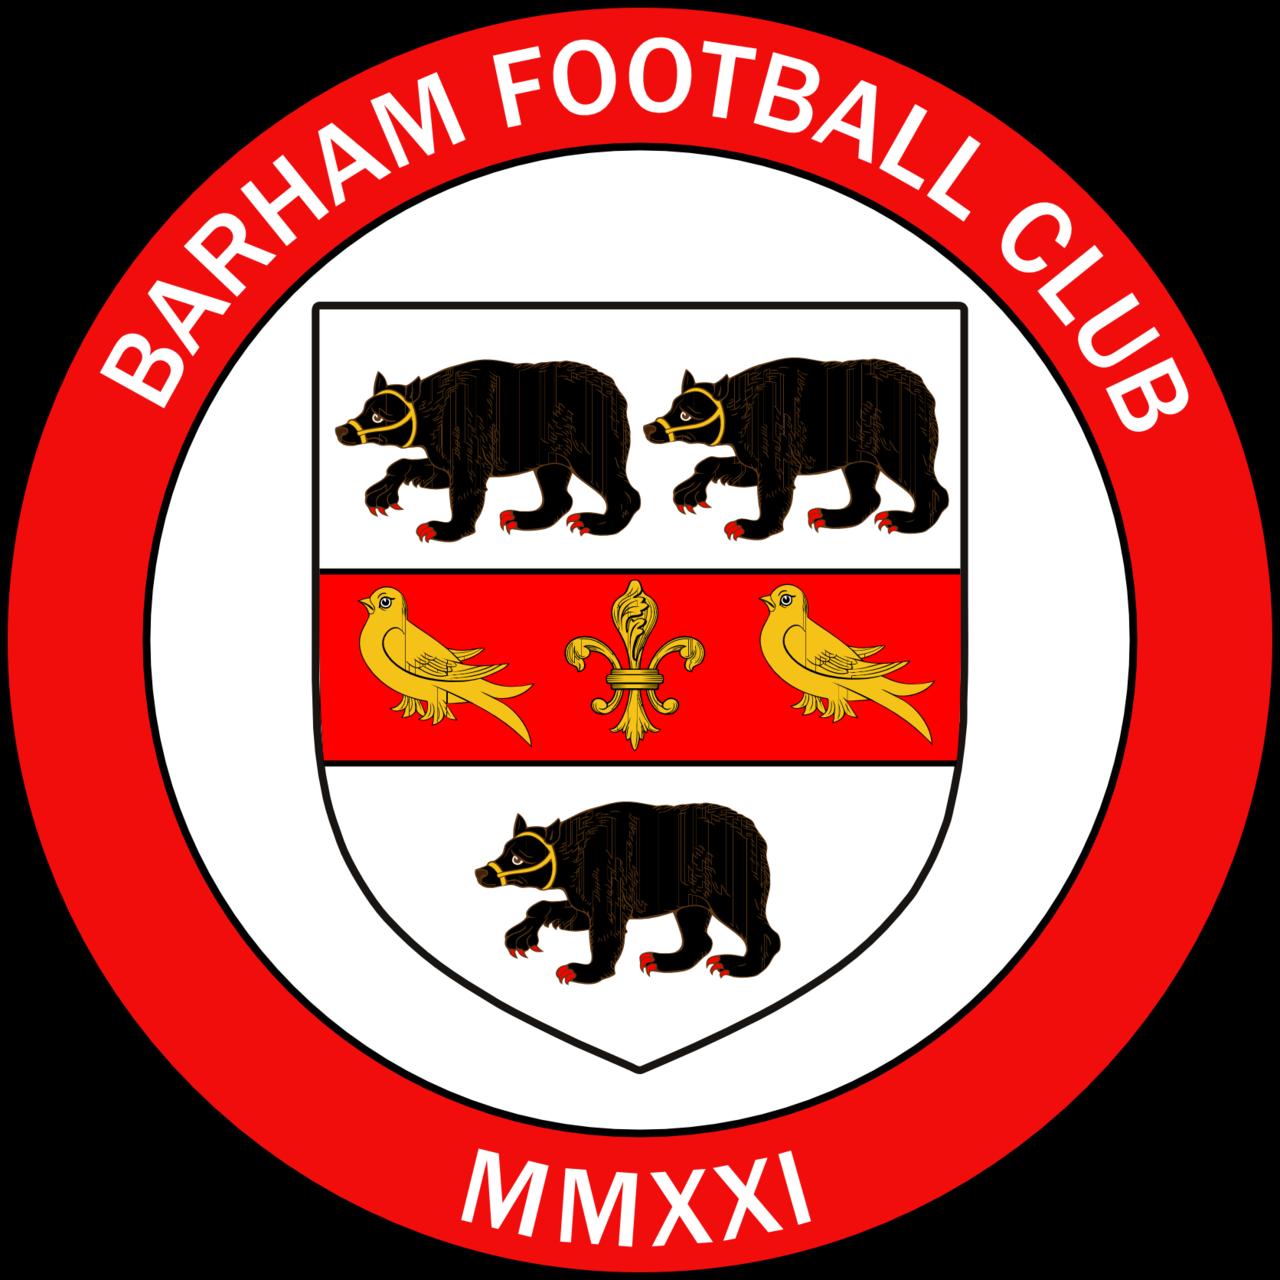 Barham FC's Newsletter